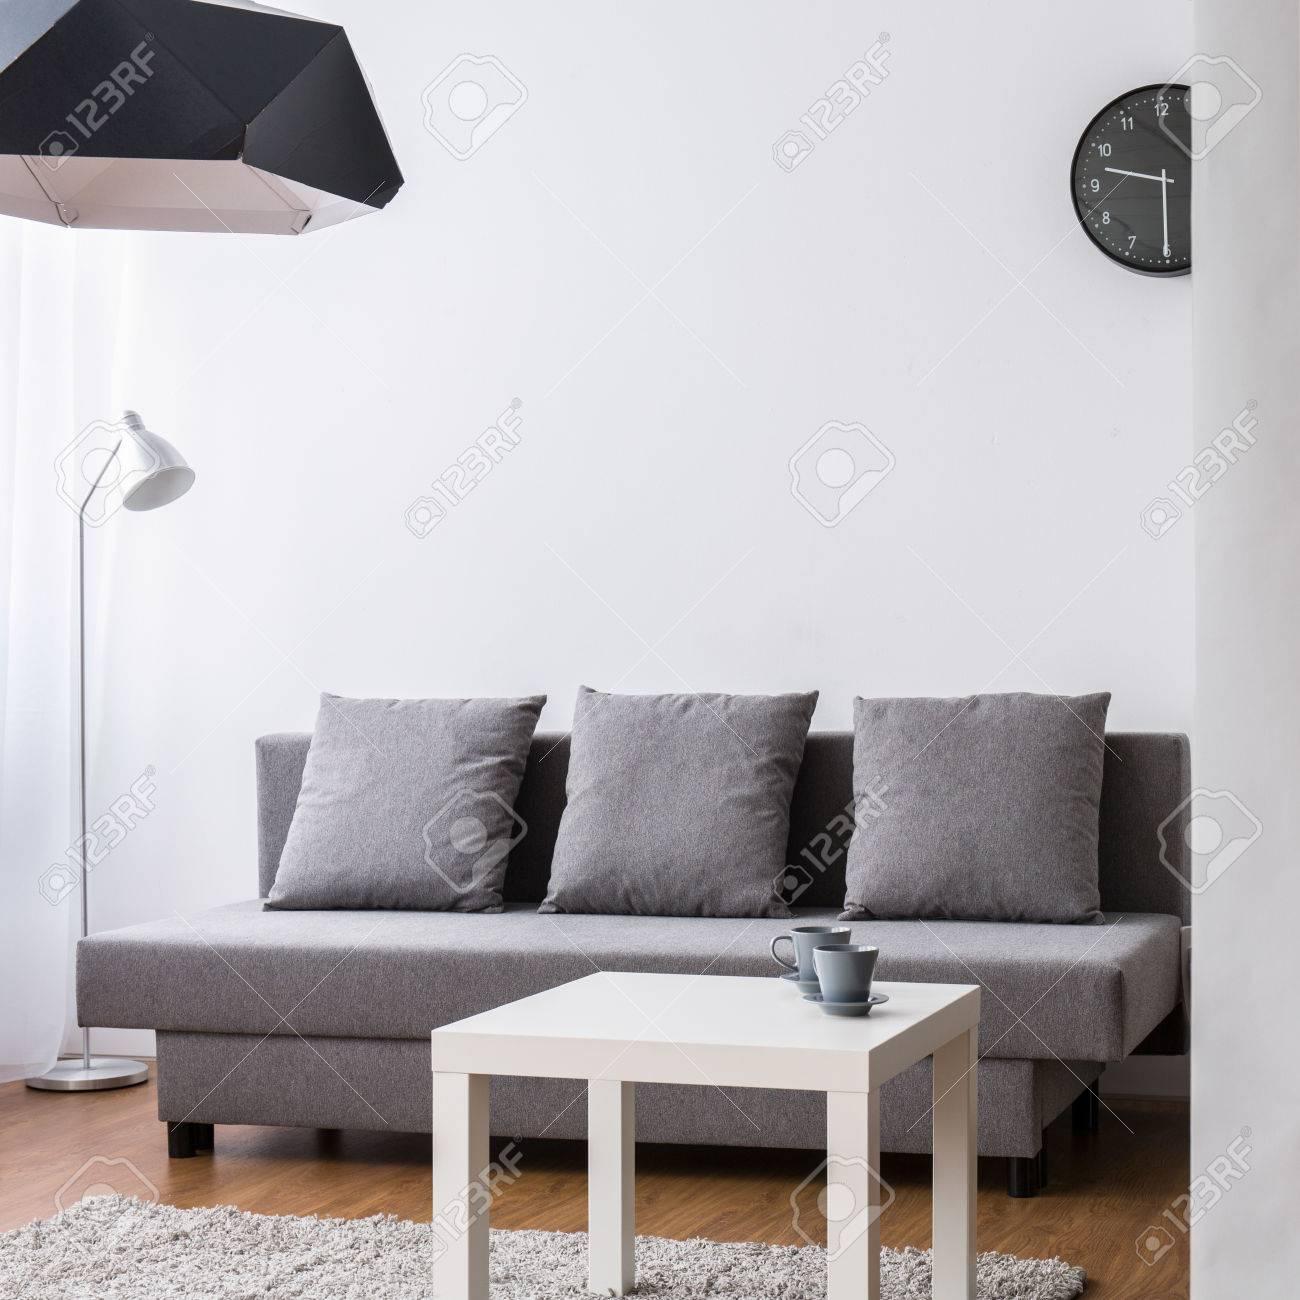 Soggiorno moderno con grande, divano grigio e tavolino da caffè. Luce  interna con carta da parati decorativi.